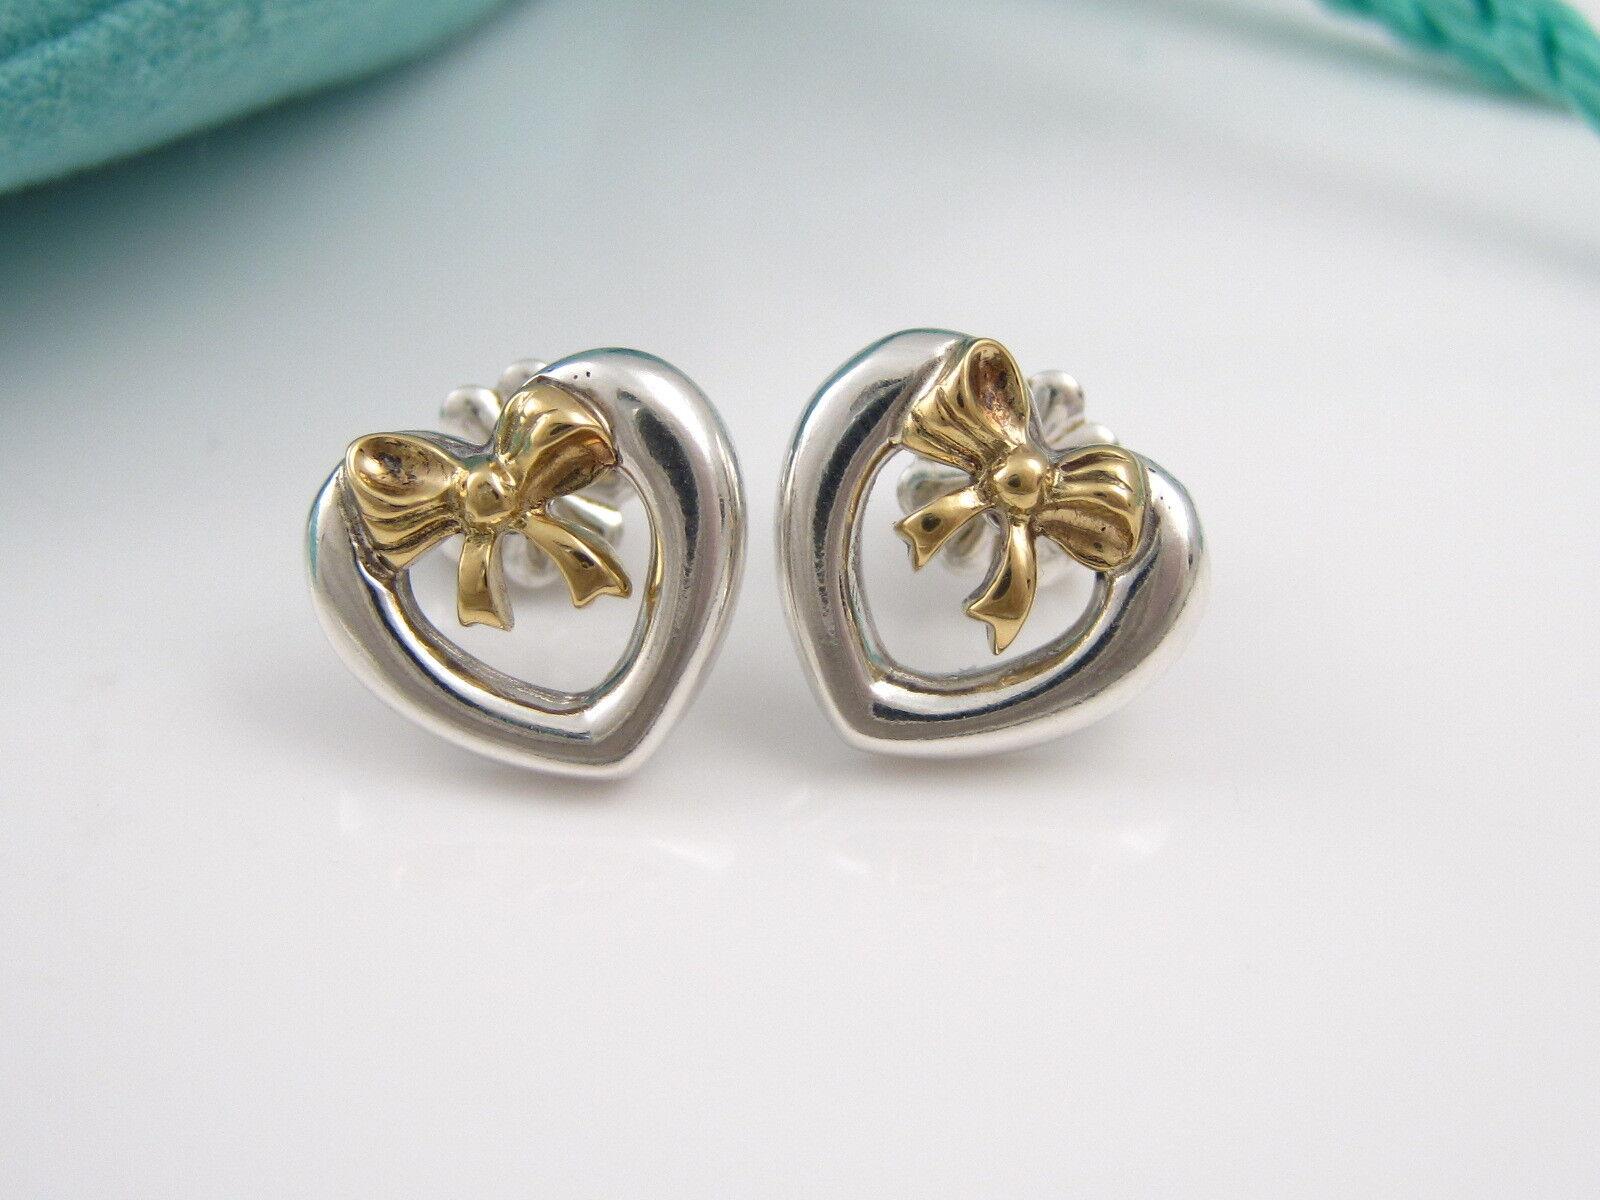 Tiffany & Co RARE Silver 18K Heart Bow Stud Earrings! | eBay